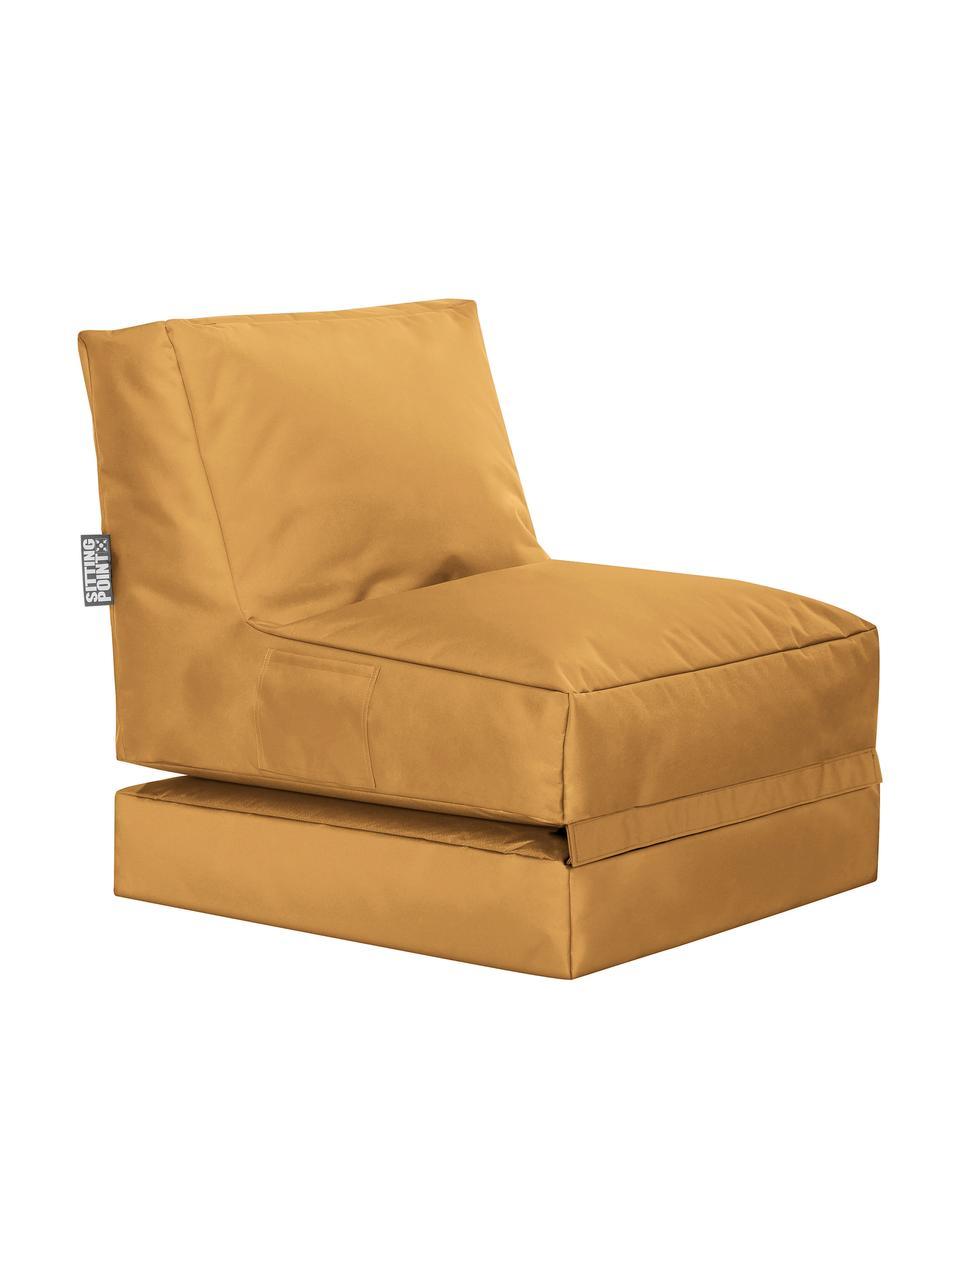 Garten-Loungesessel Pop Up mit Liegefunktion, Bezug: 100% Polyester Innenseite, Senfgelb, B 70 x T 90 cm